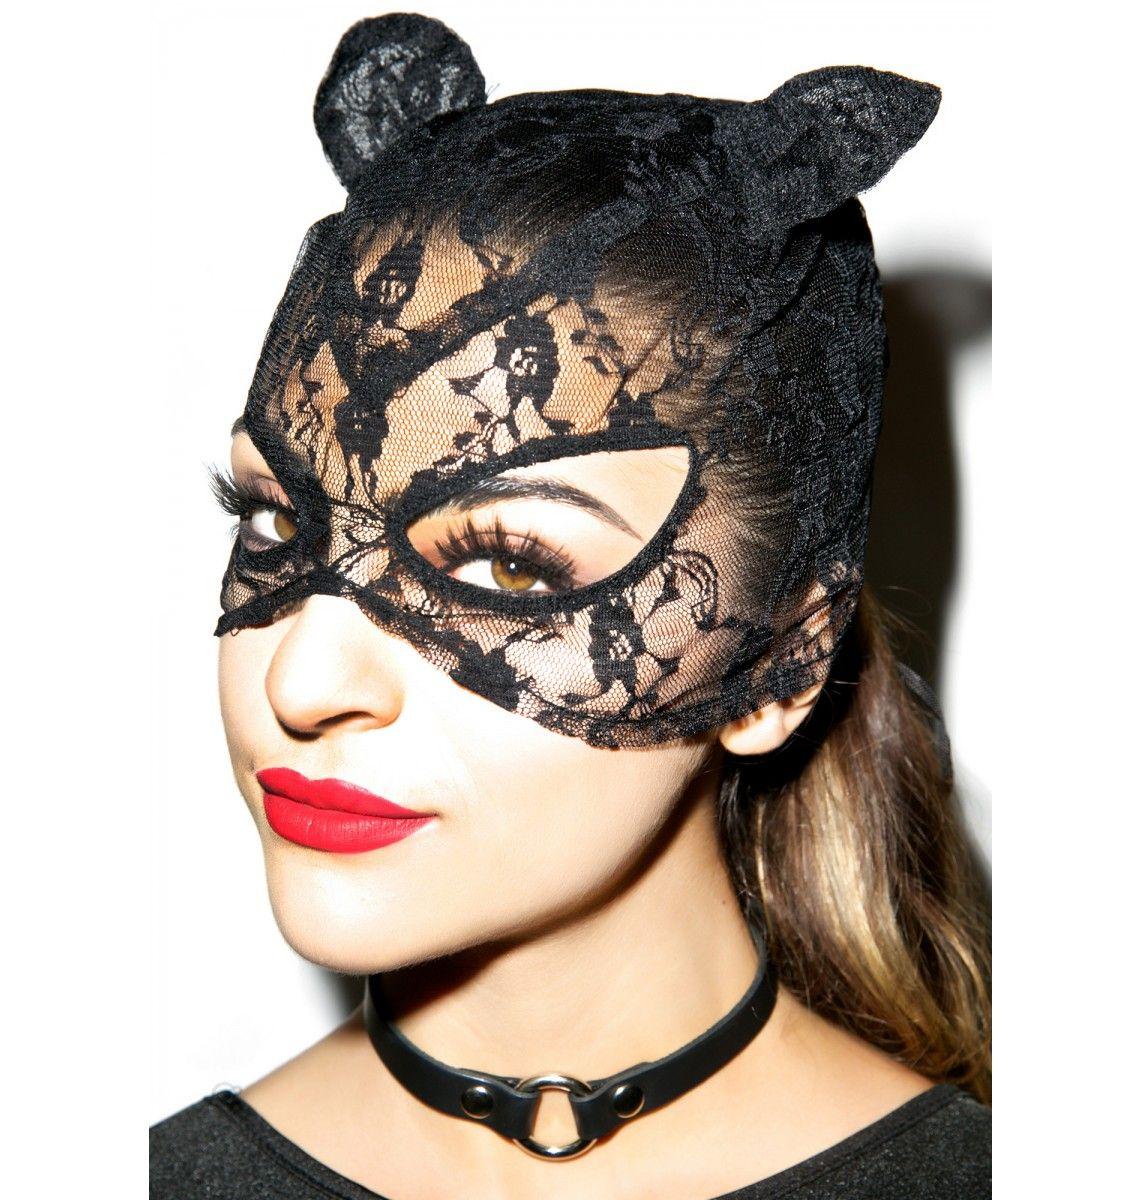 Kat Woman Mask Women, Punk rock outfits, Lace mask